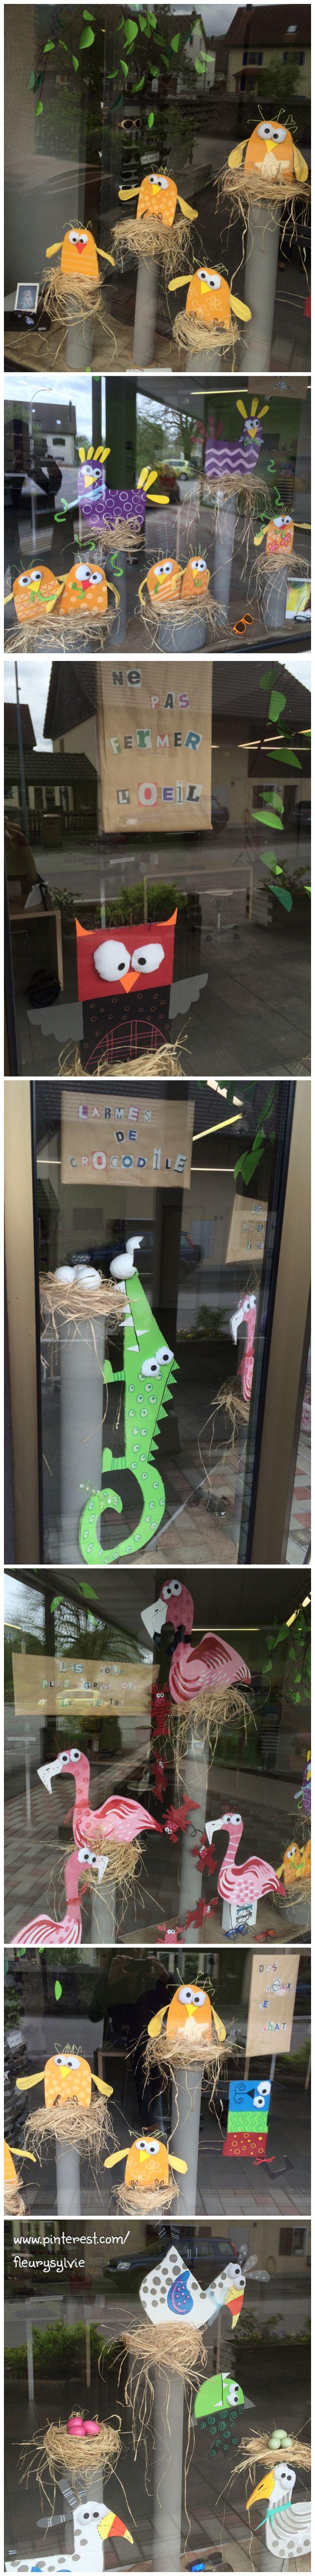 Décoration vitrines magasin d'optique printemps. En carton recyclé. Inspiration Buttuglee. http://pinterest.com/fleurysylvie/mes-creas-deriendutout/  et www.toutpetitrien.ch